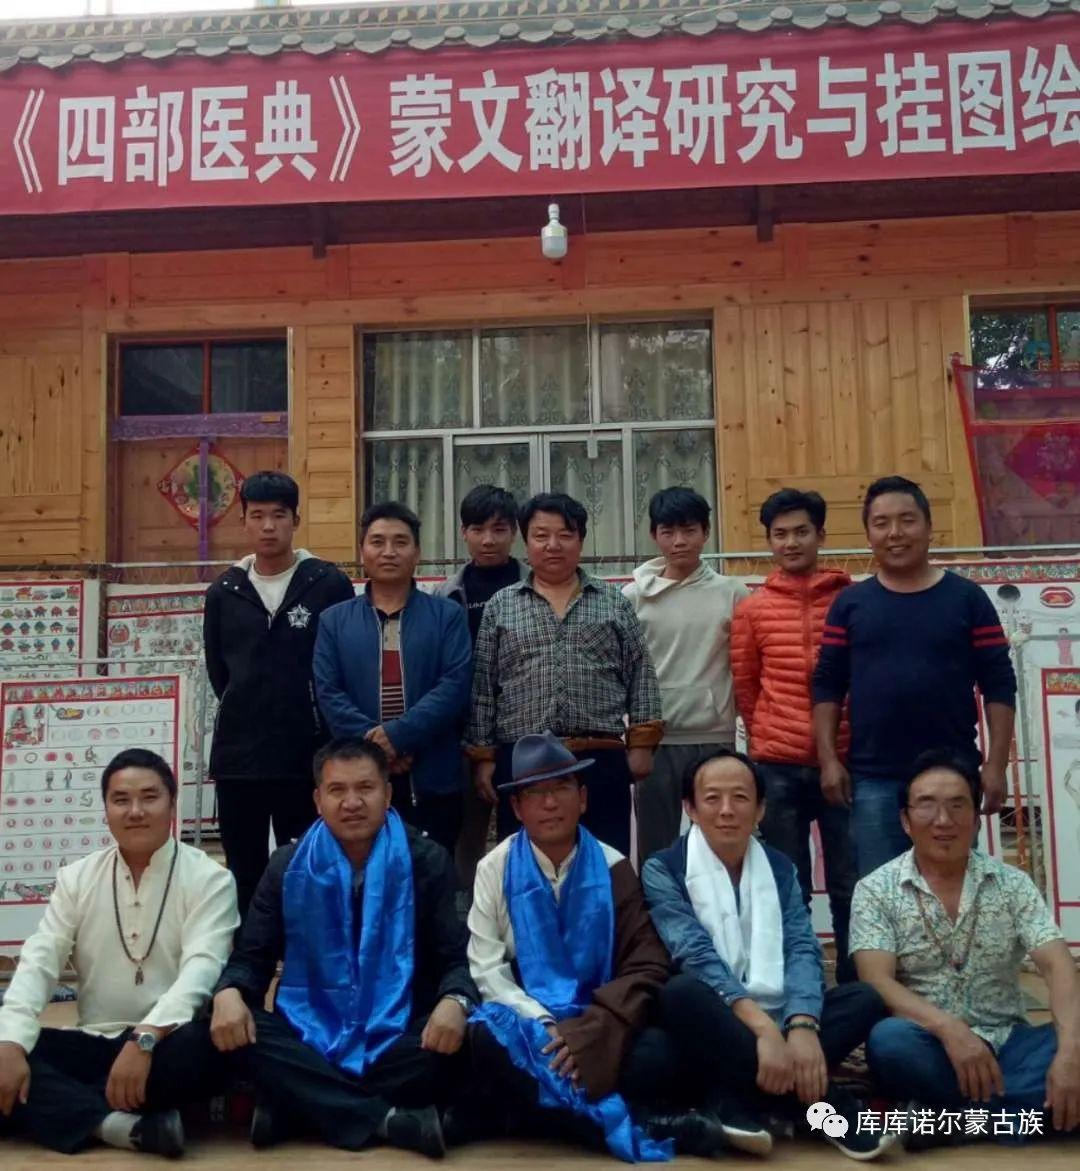 青海蒙医药事业发展历程略谈 第16张 青海蒙医药事业发展历程略谈 蒙古文化